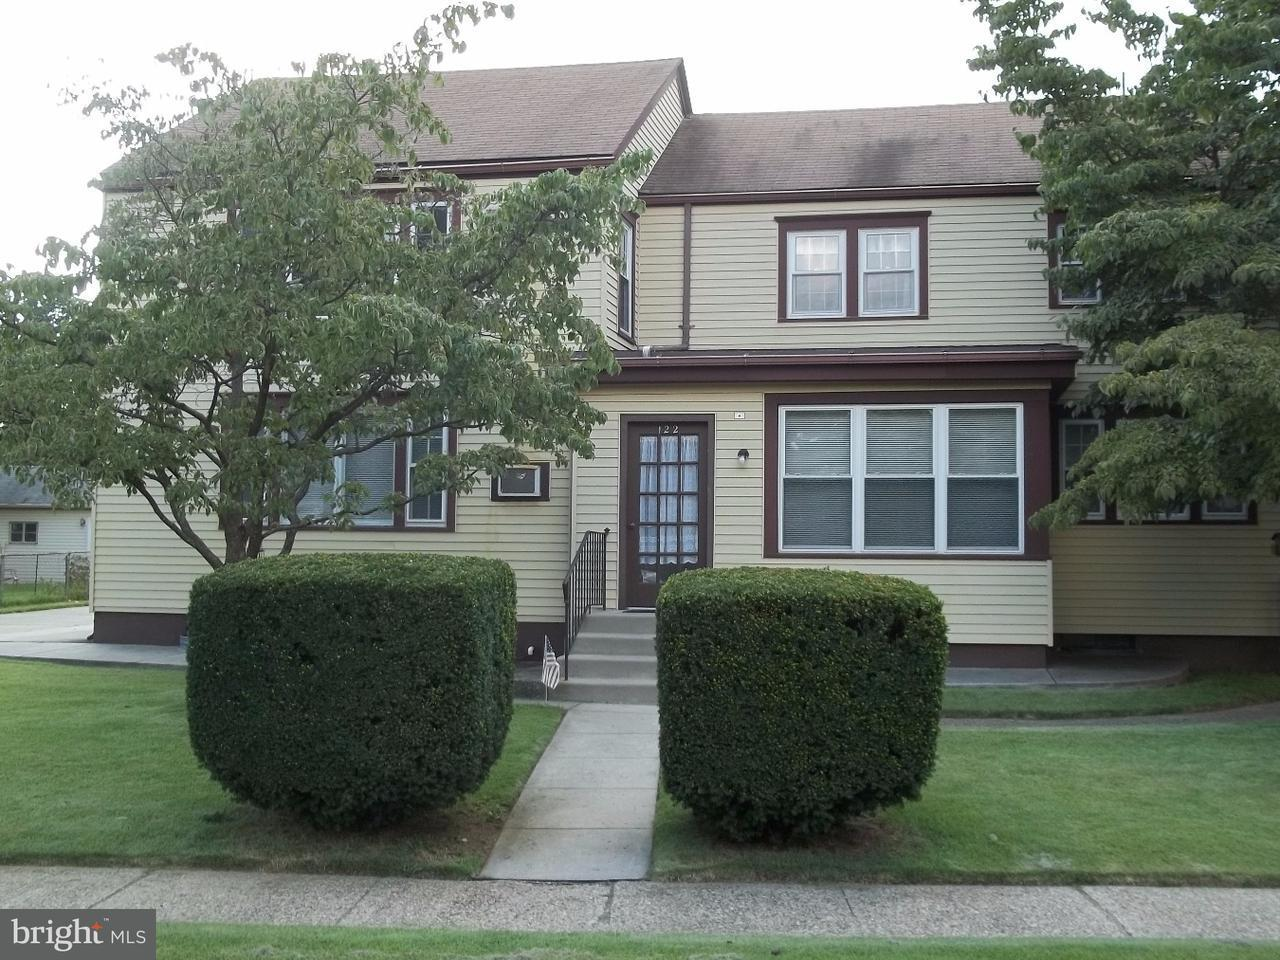 复式单位 为 销售 在 122 S LIPPINCOTT Avenue Maple Shade, 新泽西州 08052 美国